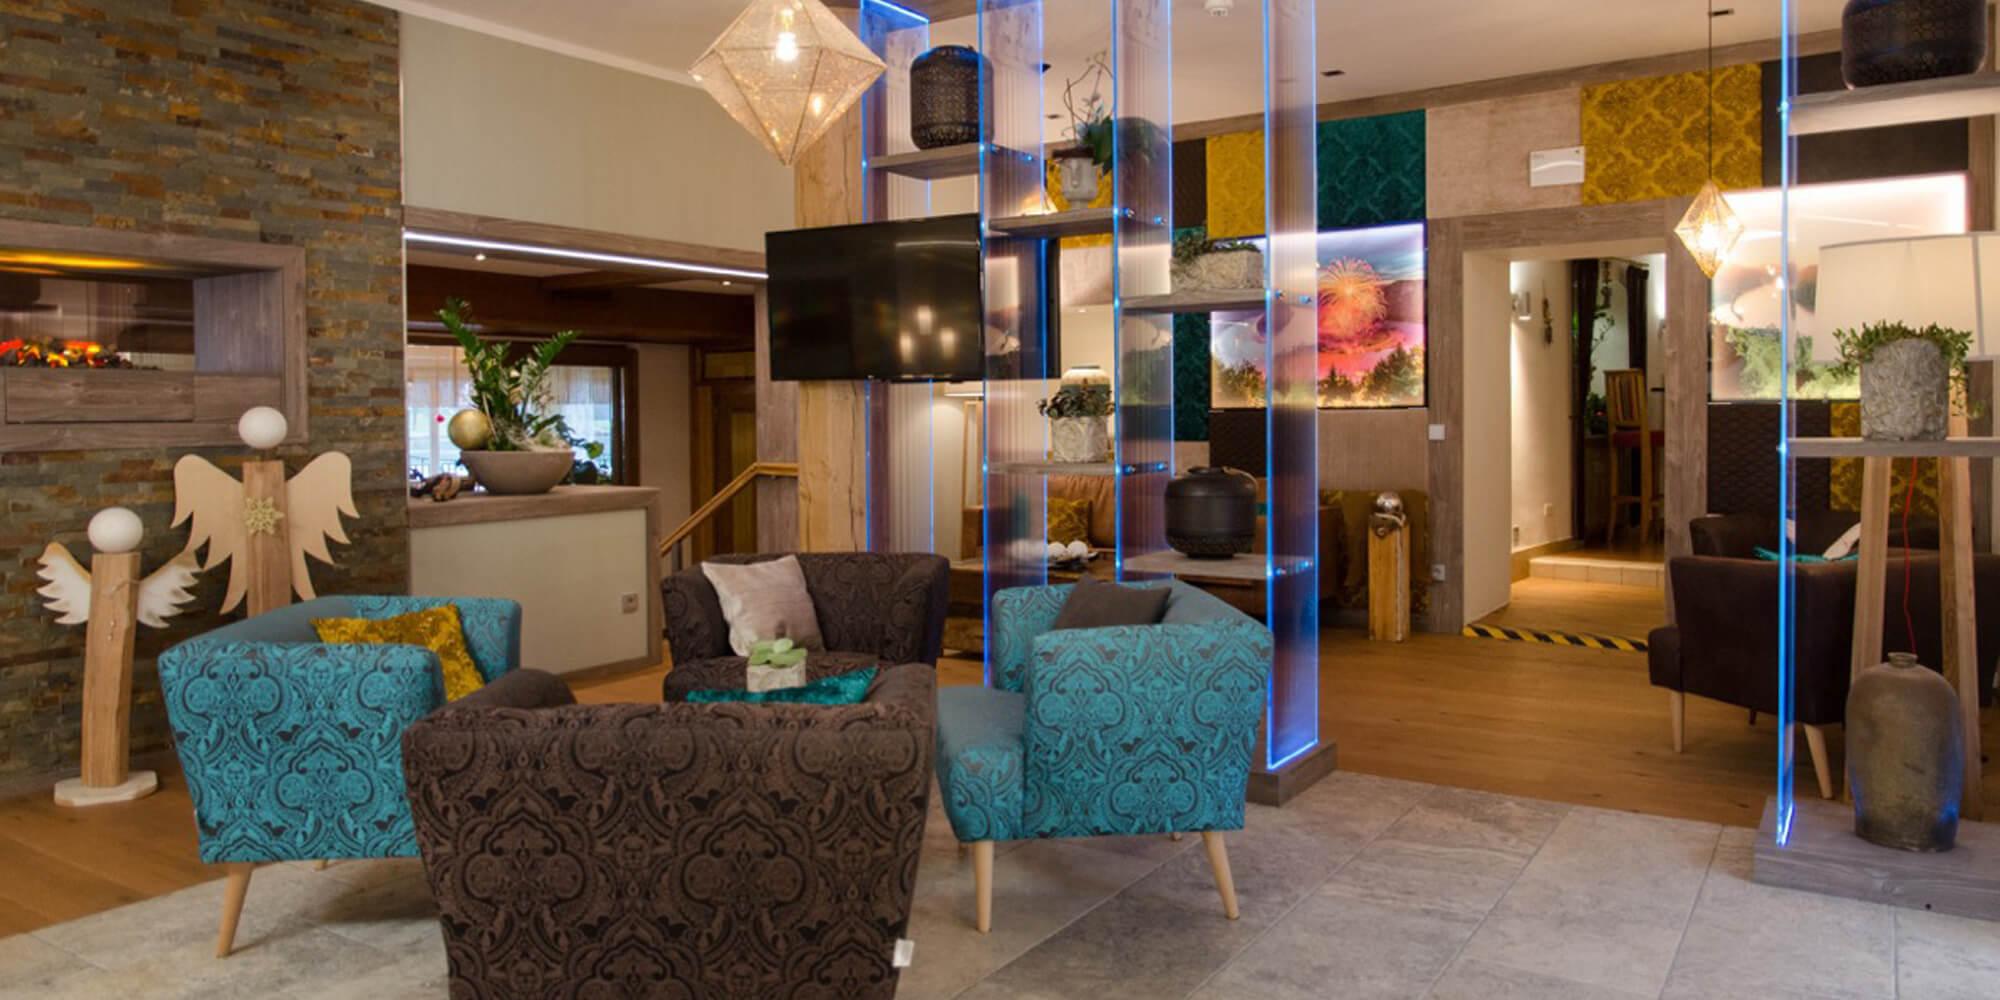 Crea-Plan-Design-Rauch-Frühmann-Architektur-Innenarchitektur-Design-Projekt-Referenz-Hotelerie-Gastronomie-Hotel-Donauschlinge-Rezeption-4